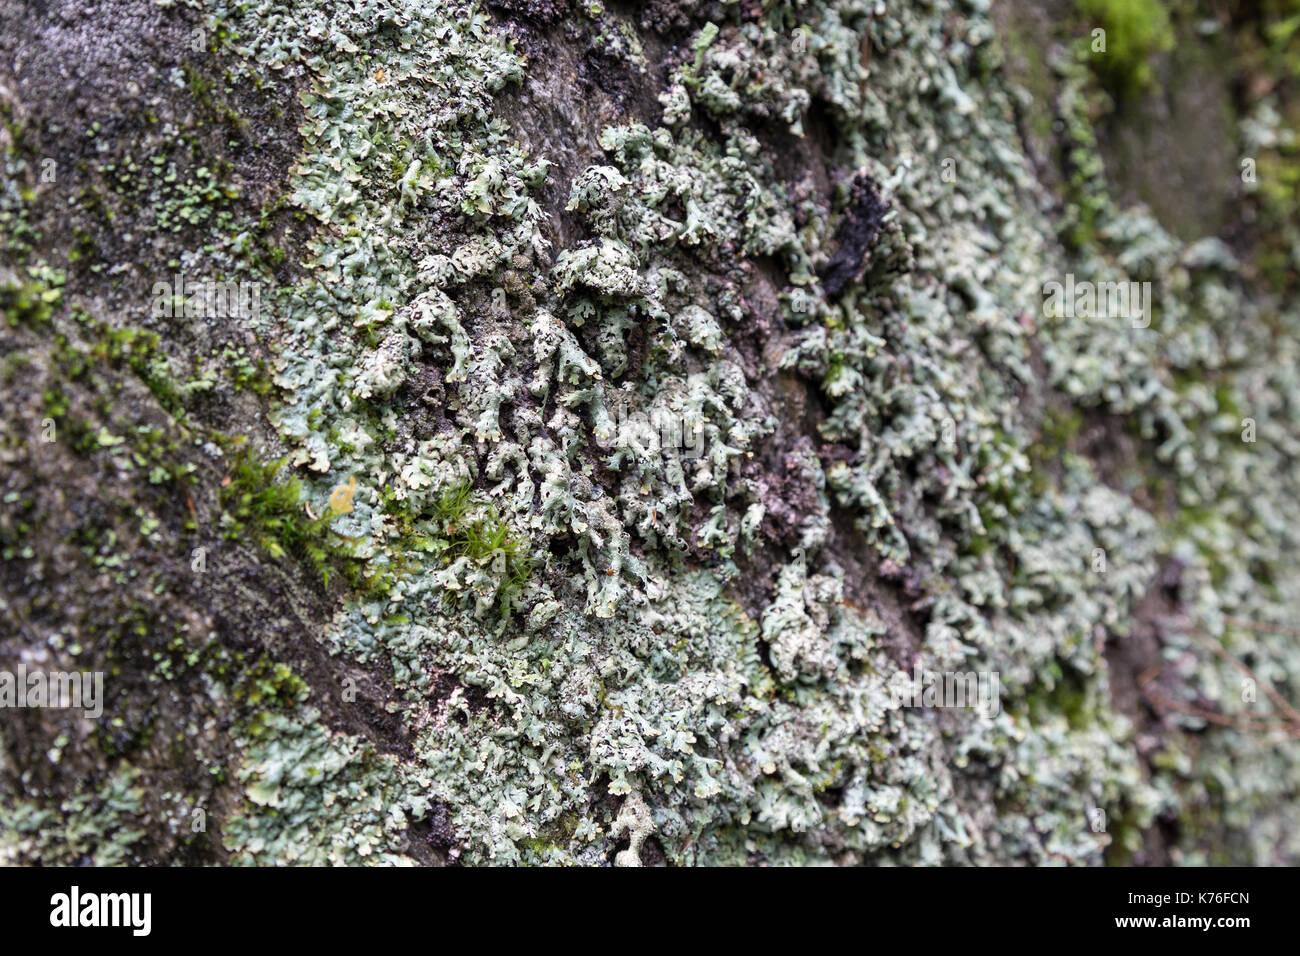 Stone Fungi Stock Photos Amp Stone Fungi Stock Images Alamy